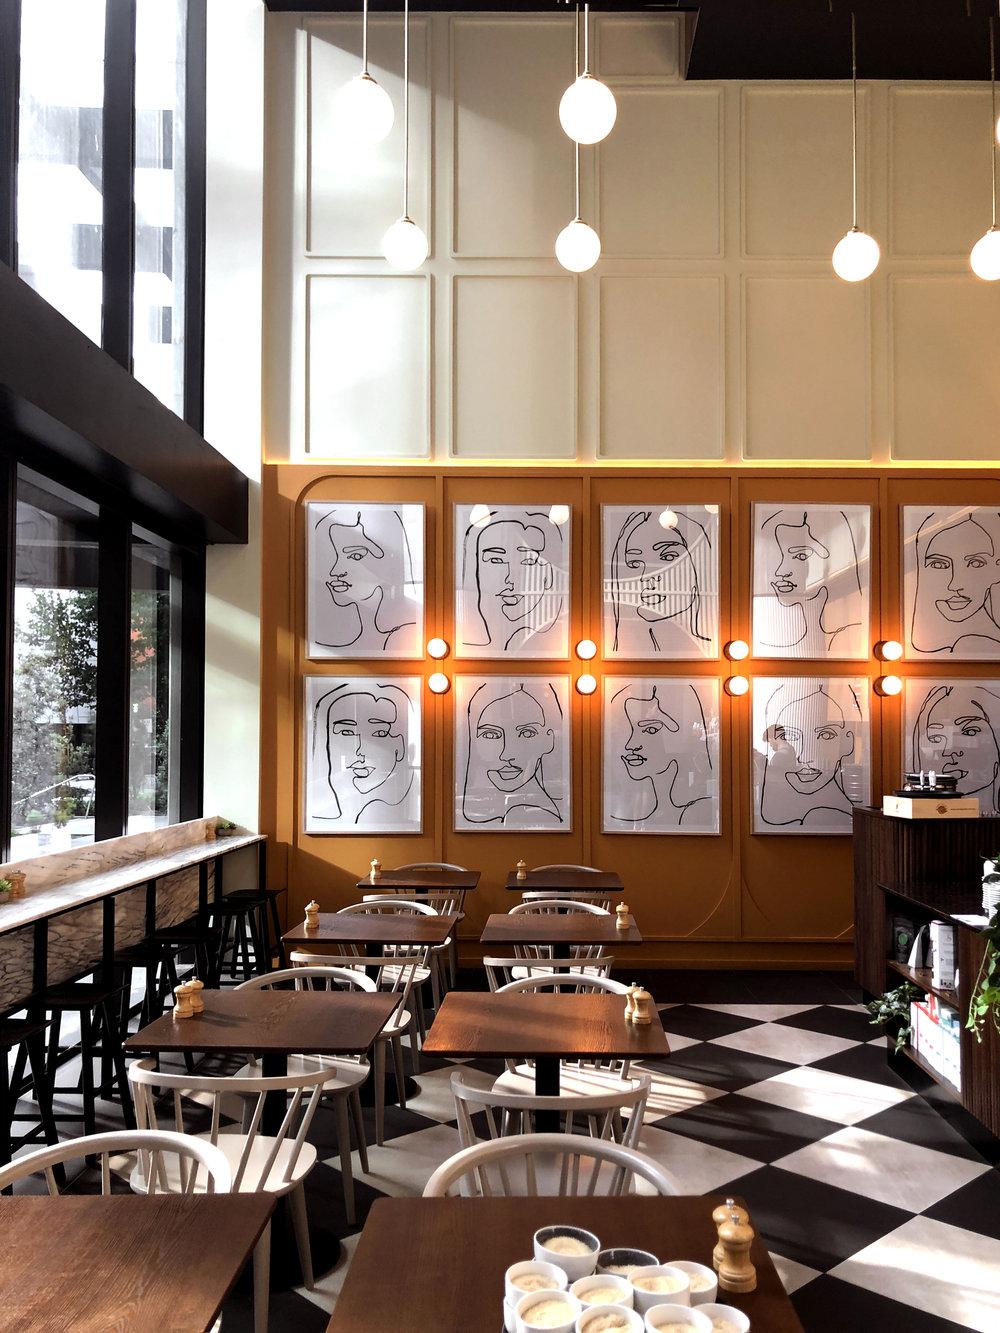 W O R K S H O P B R O S /  Workshop Brothers Southbank  墨爾本河畔南岸的咖啡店 這區是墨爾本新發展的社區  藝術館/公園/新式辦公室住宅/咖啡館分佈有序 完全是城市規劃的理想模樣  從咖啡店也感受到這裡的活力和藝術氣式  love this new lovely branch of workshop brothers at south bank. This is even prettier when the coffee shop is lit up by rays of morning sunlight 📍All Day Eatery 2 Riverside Quay, Southbank Vic 3006